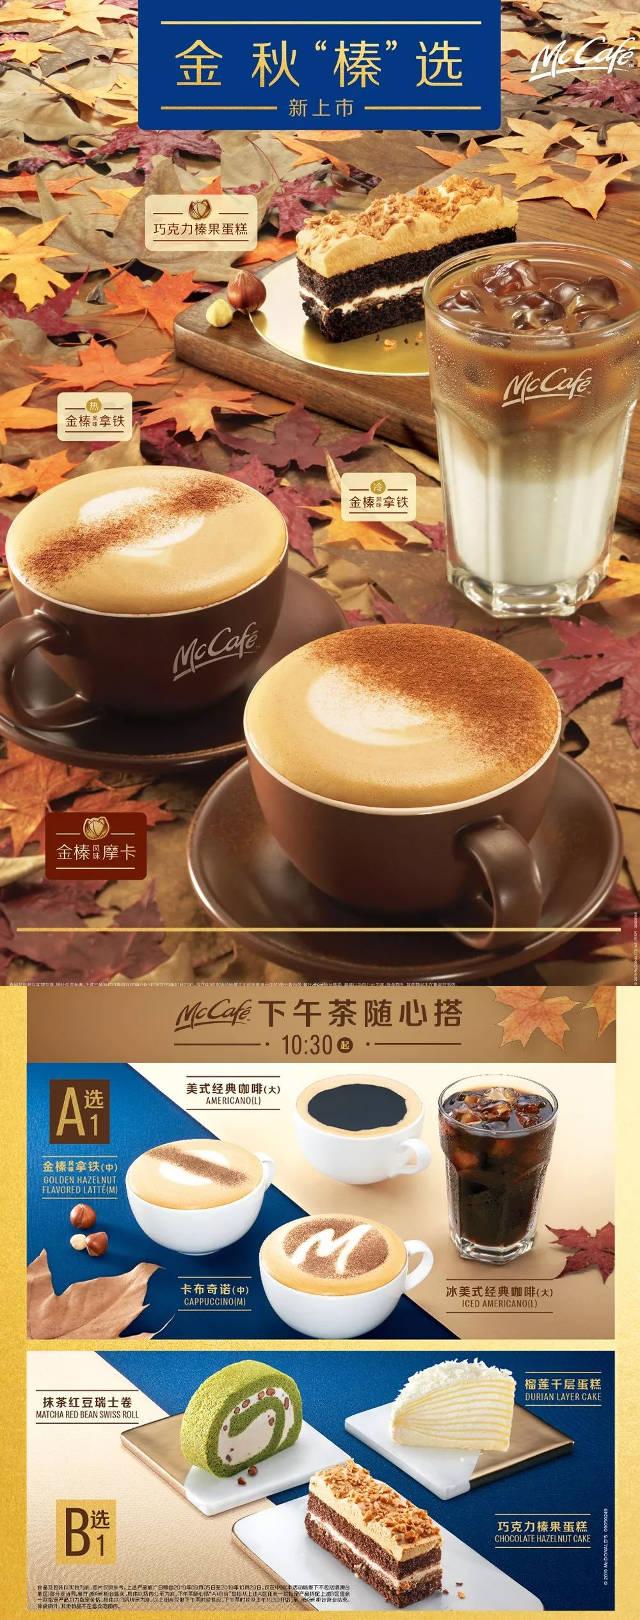 优惠券图片:麦当劳麦咖啡2019秋季榛子味咖啡、蛋糕,还有下午茶随心搭 有效期2019年09月5日-2019年10月29日